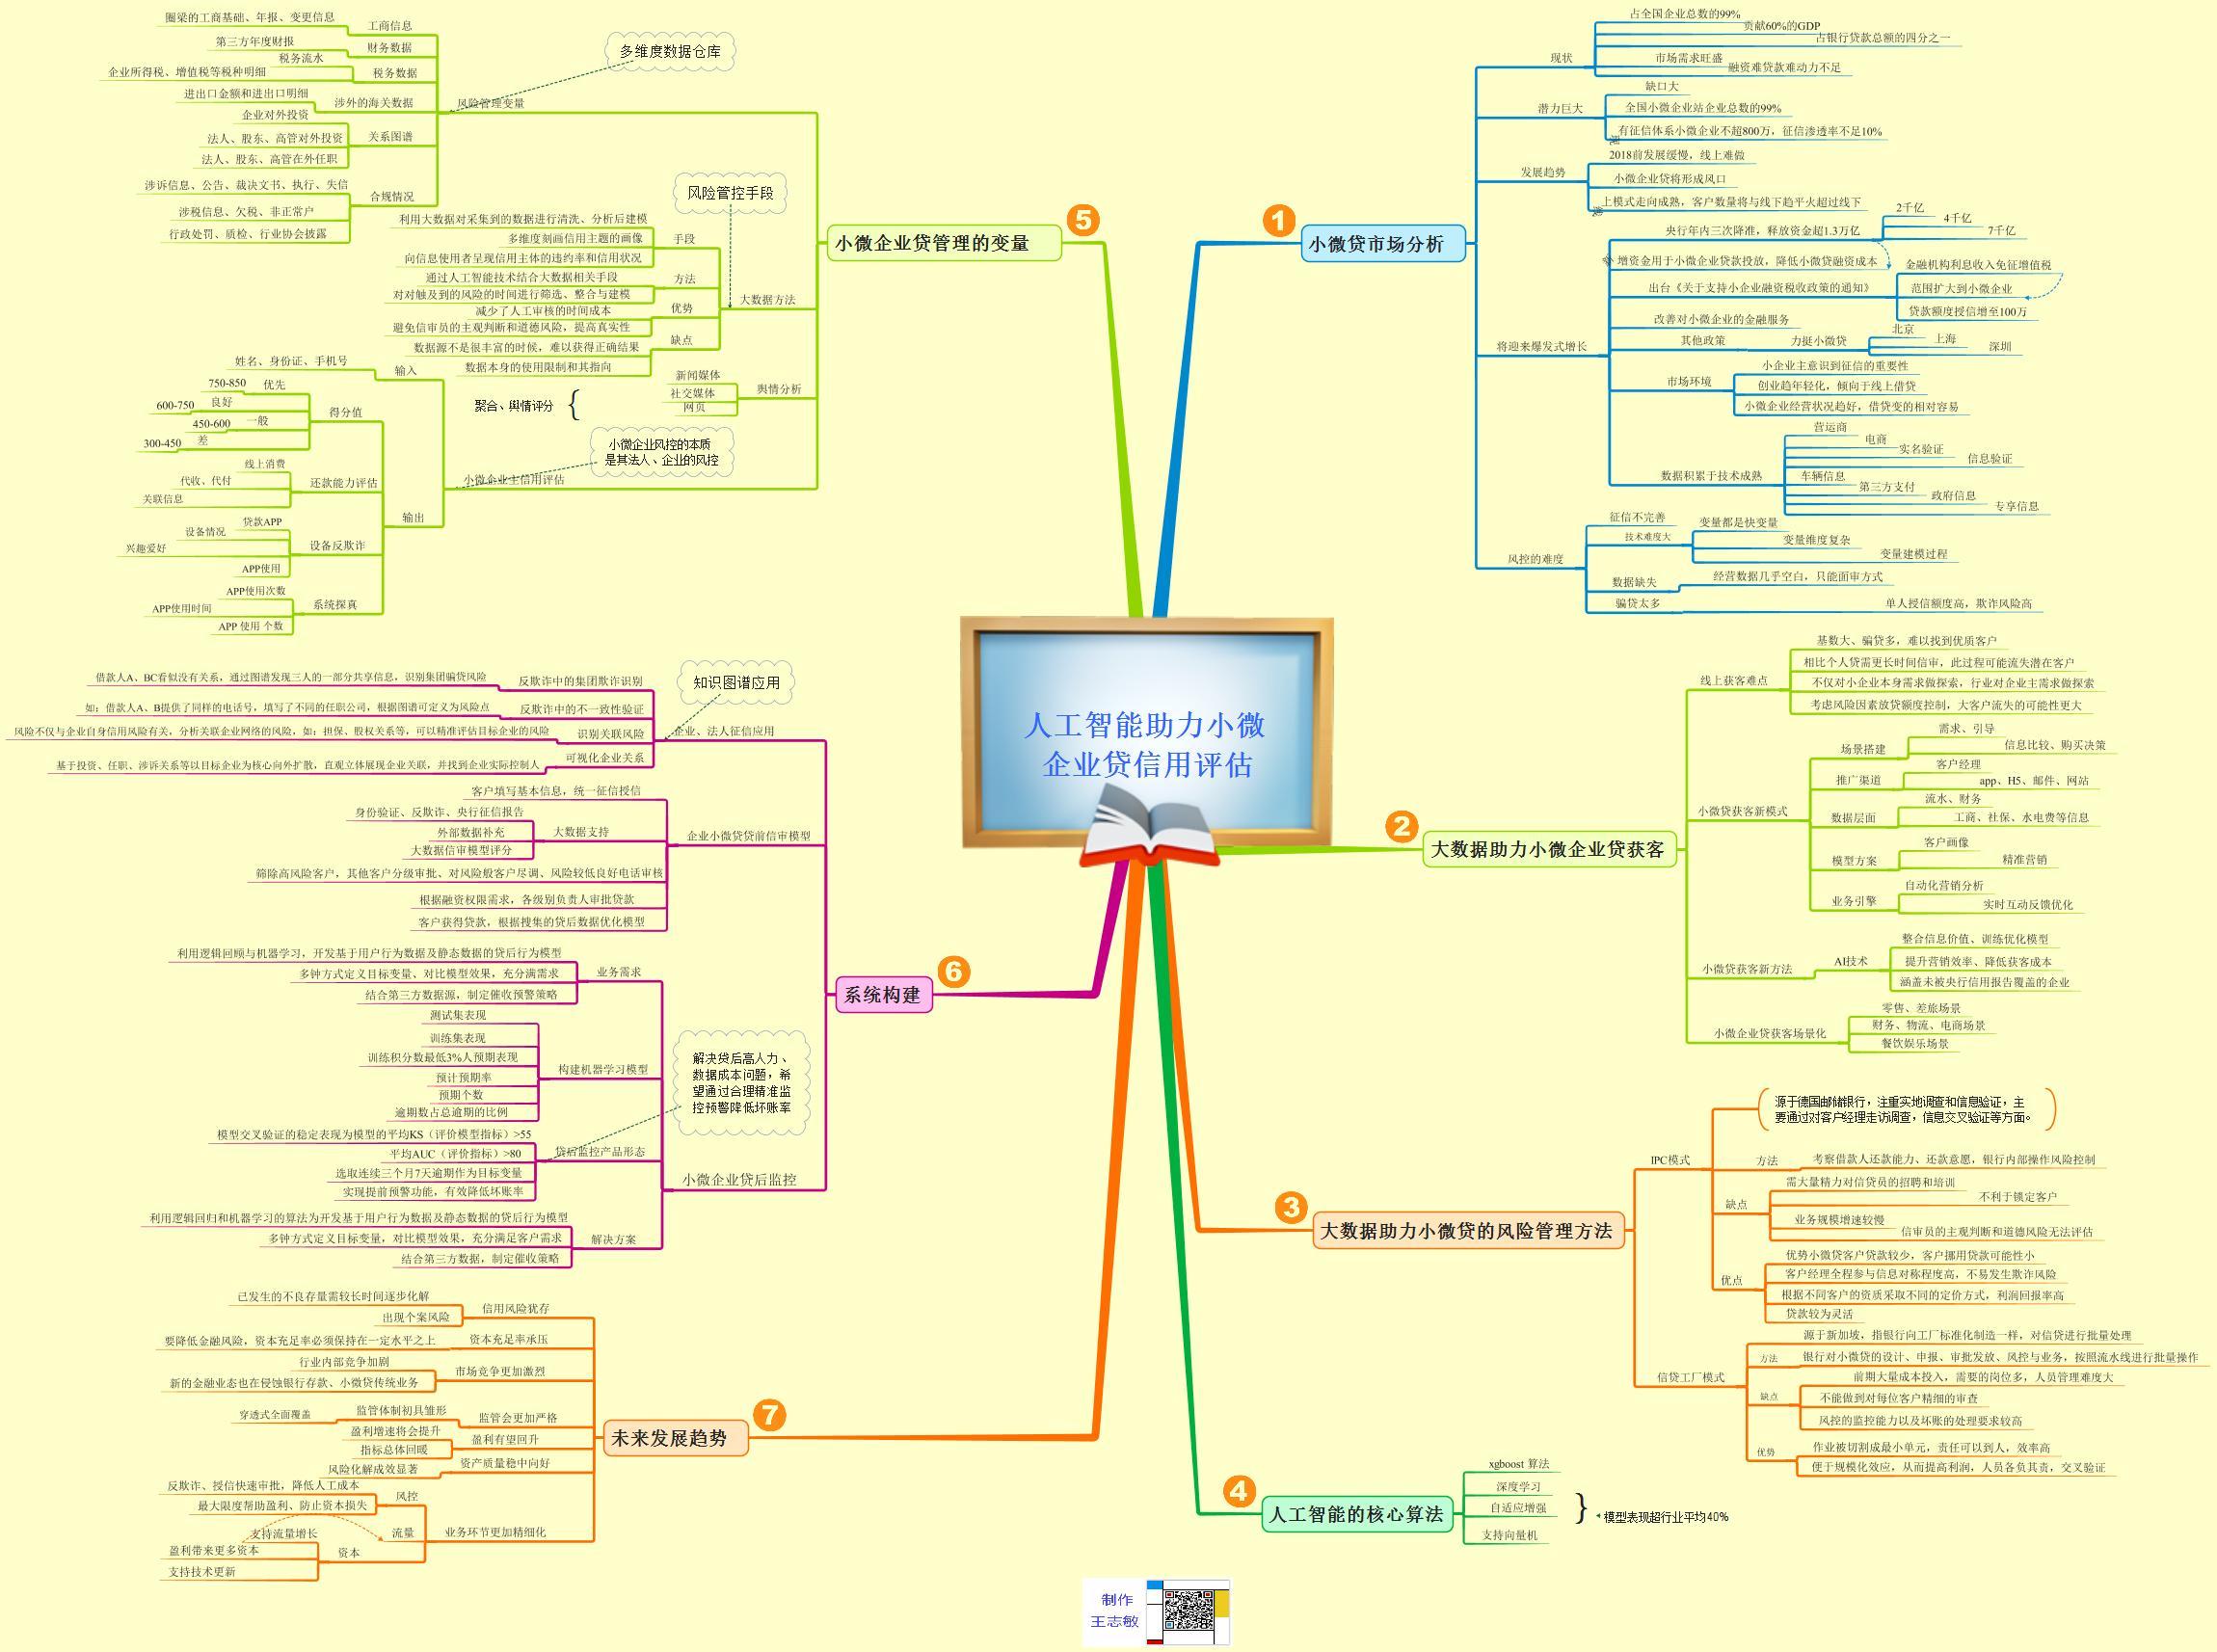 思维导图:人工智能助力小微企业贷信用评估